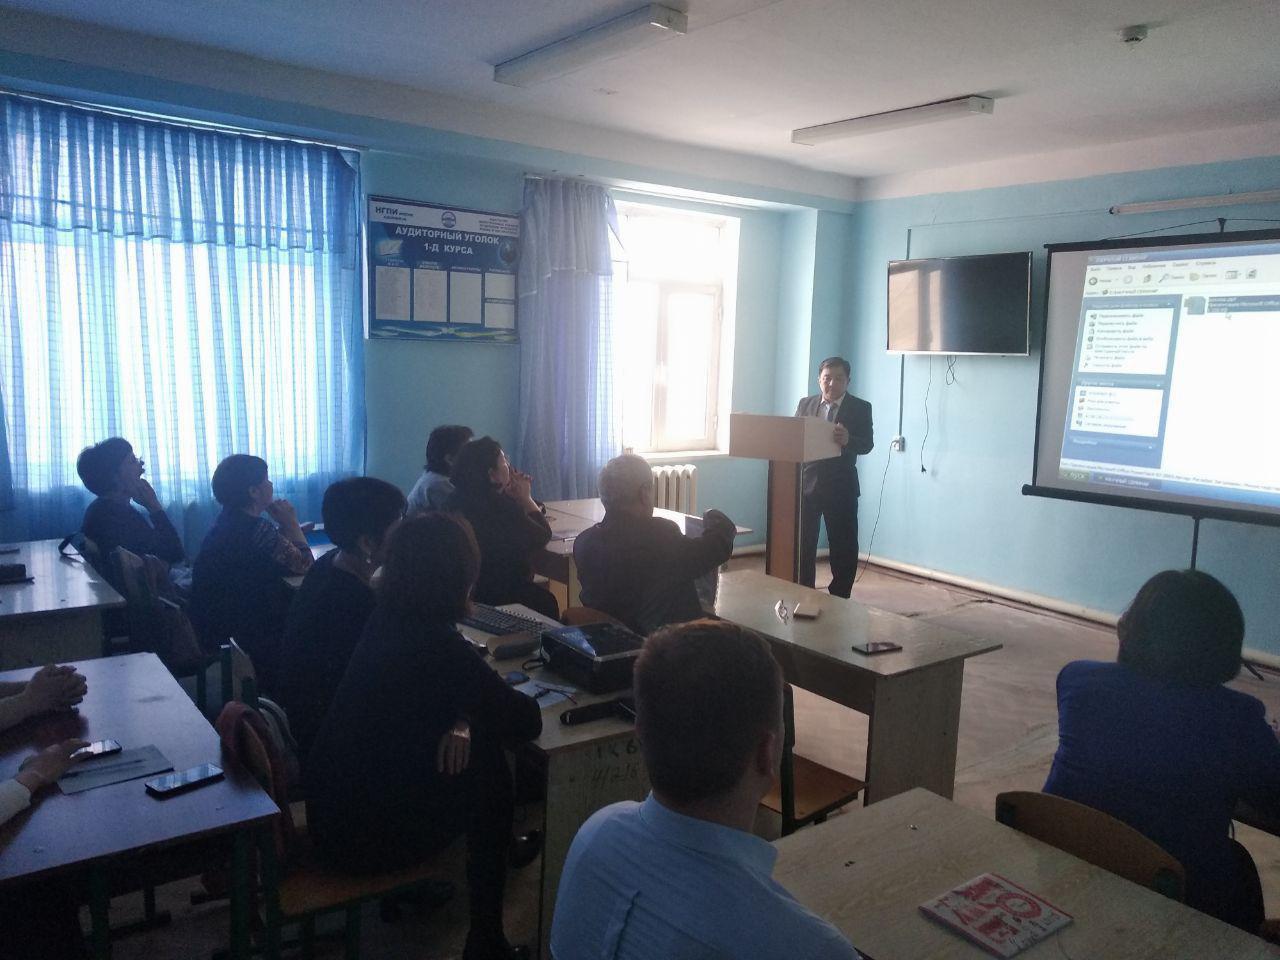 2 33 - 26 января 2020 года на факультете Иностранных языков на кафедре русского языка и литературы состоялся научно-практический семинар